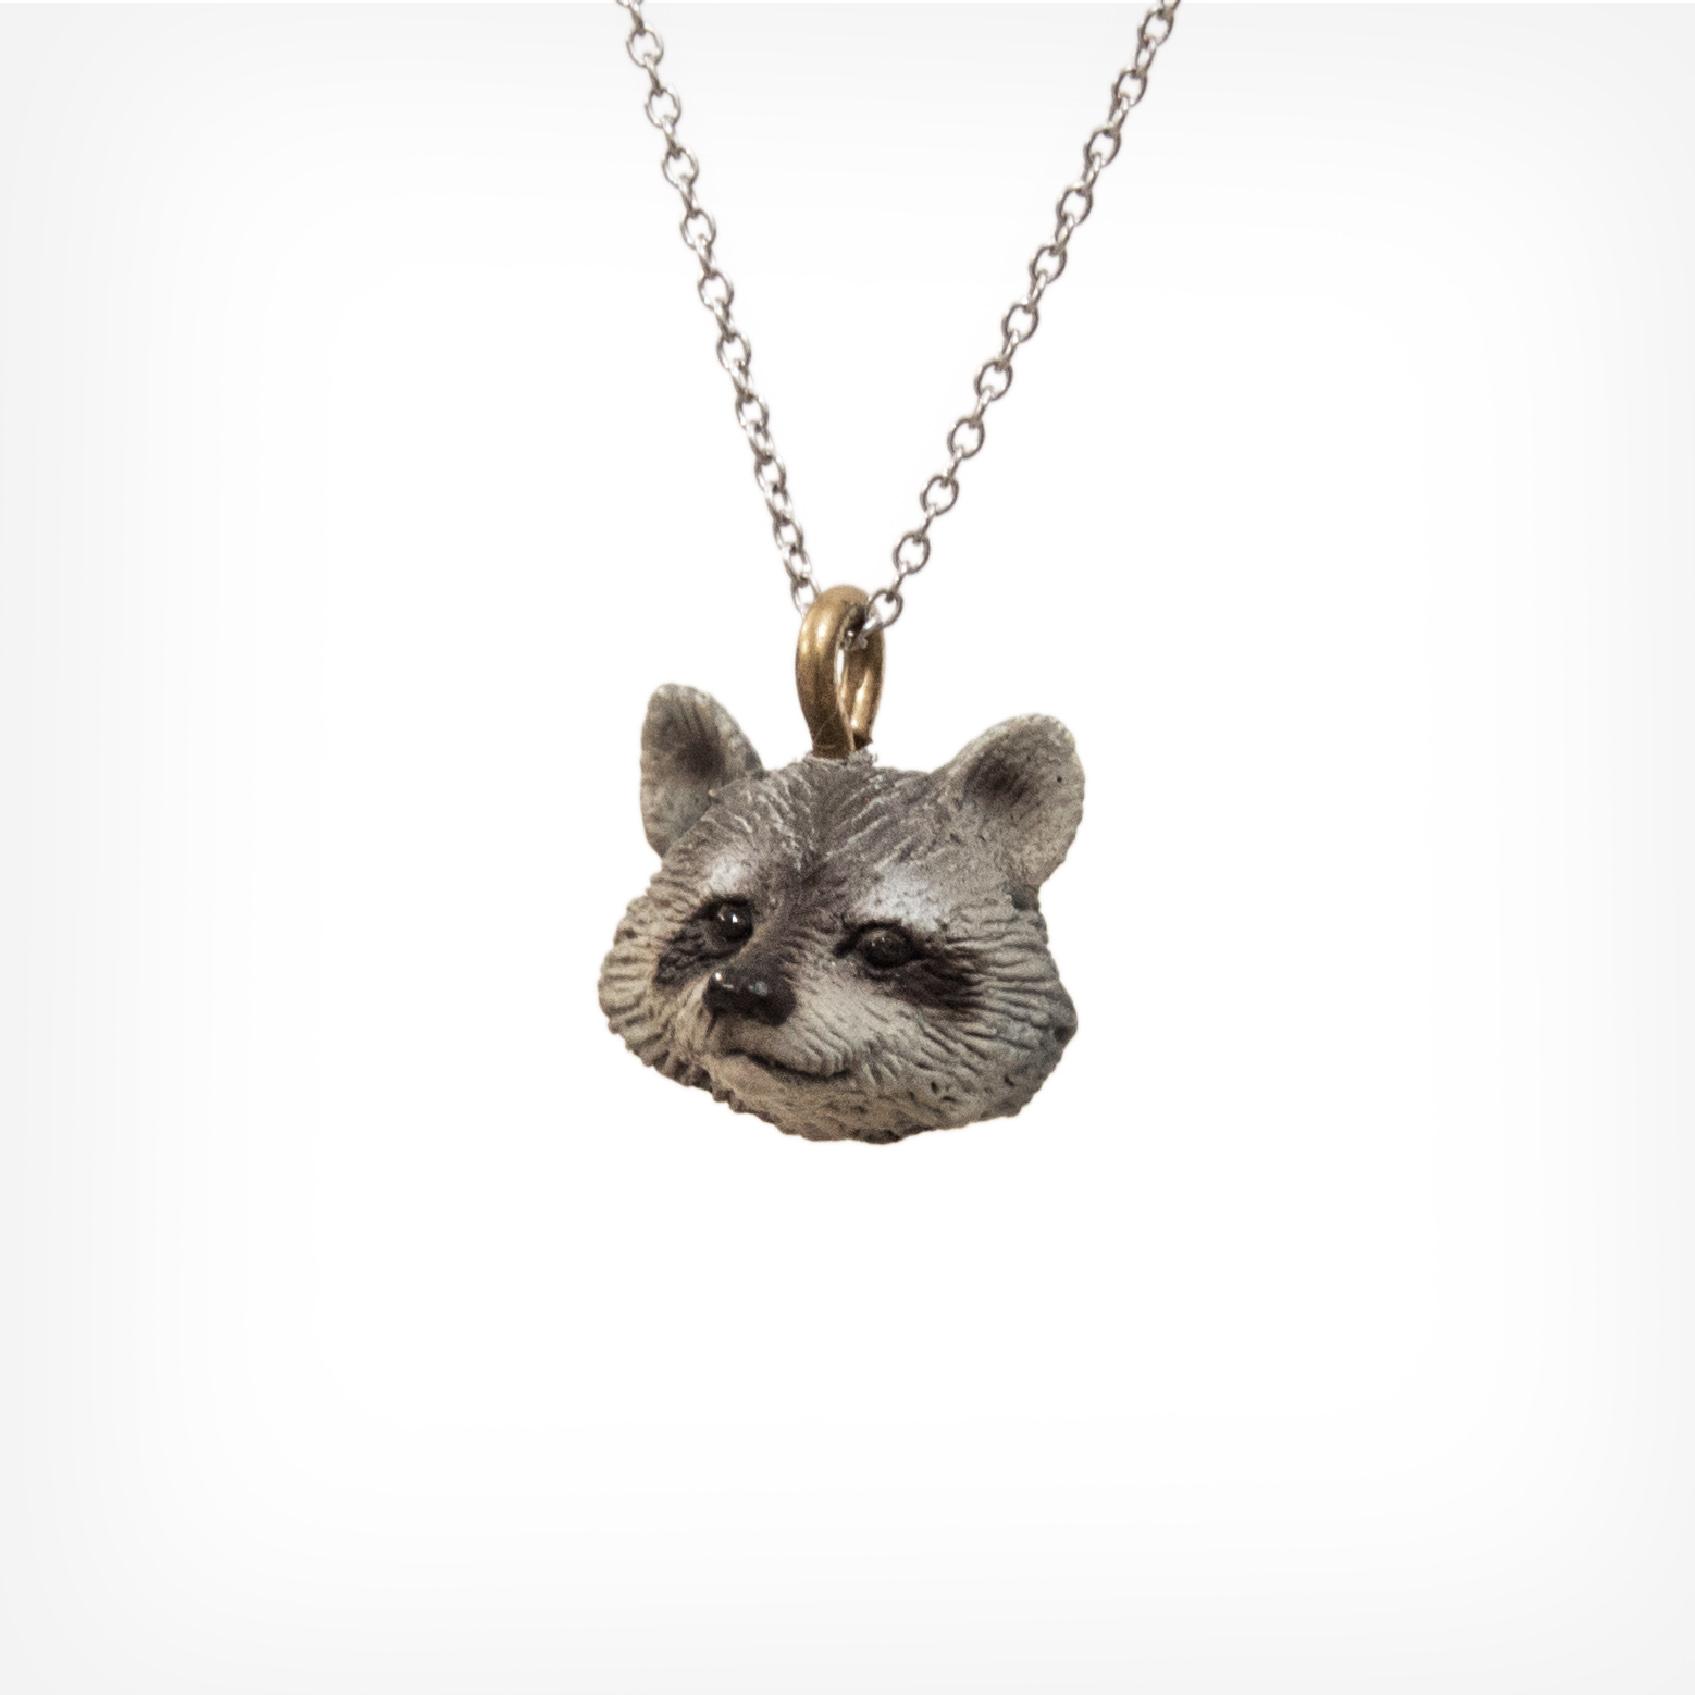 Waschbär | racoon